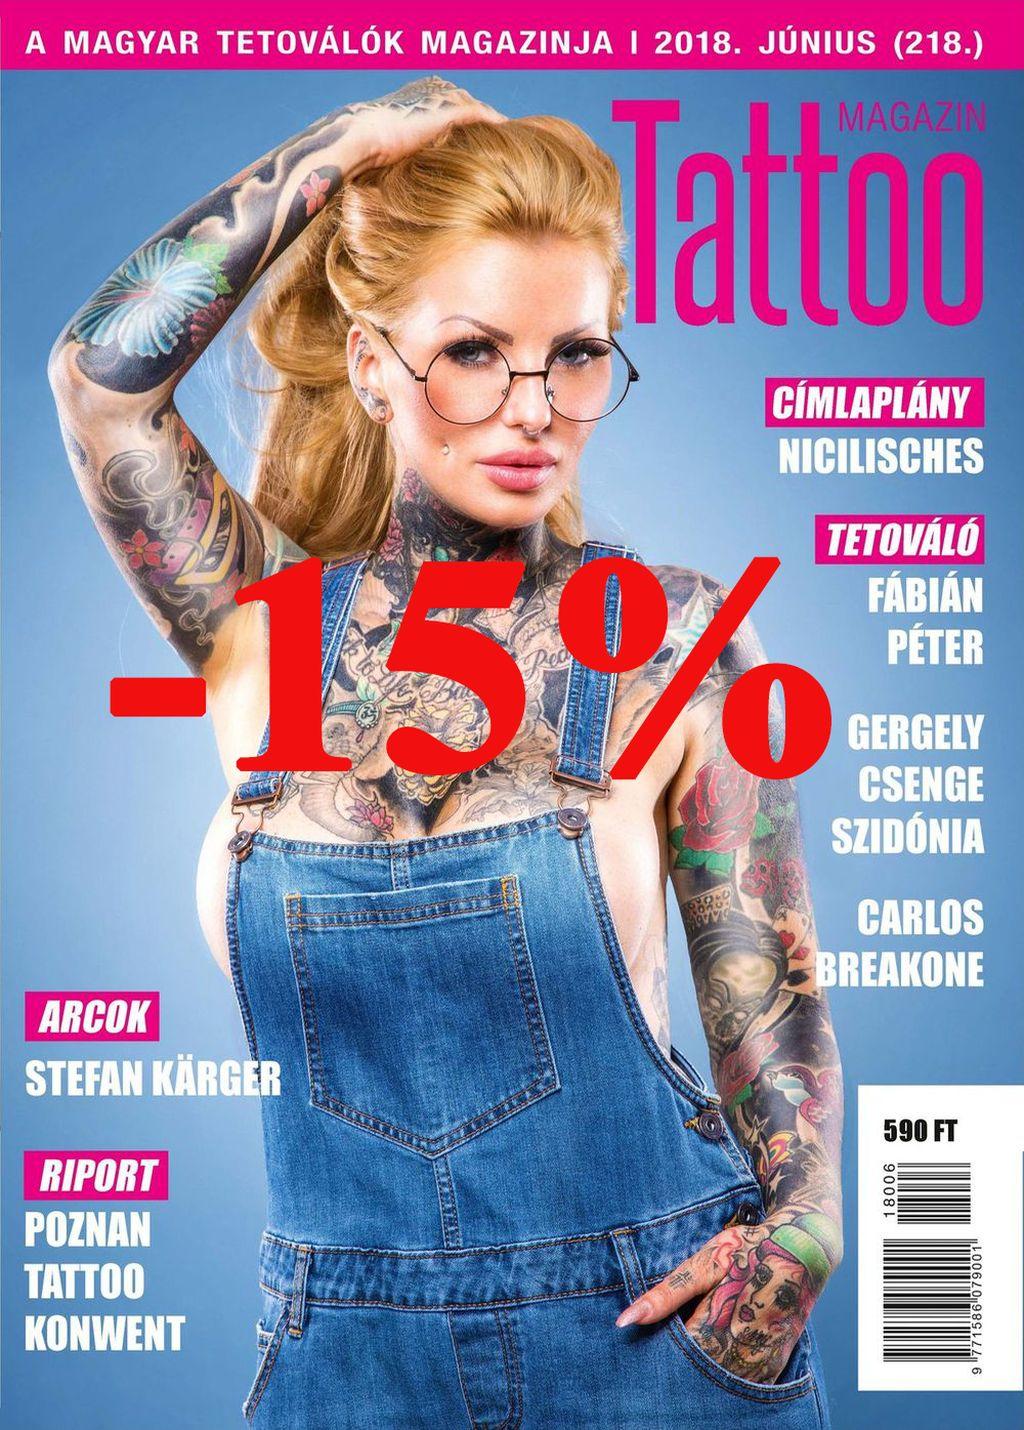 Tattoo Magazin előfizetés